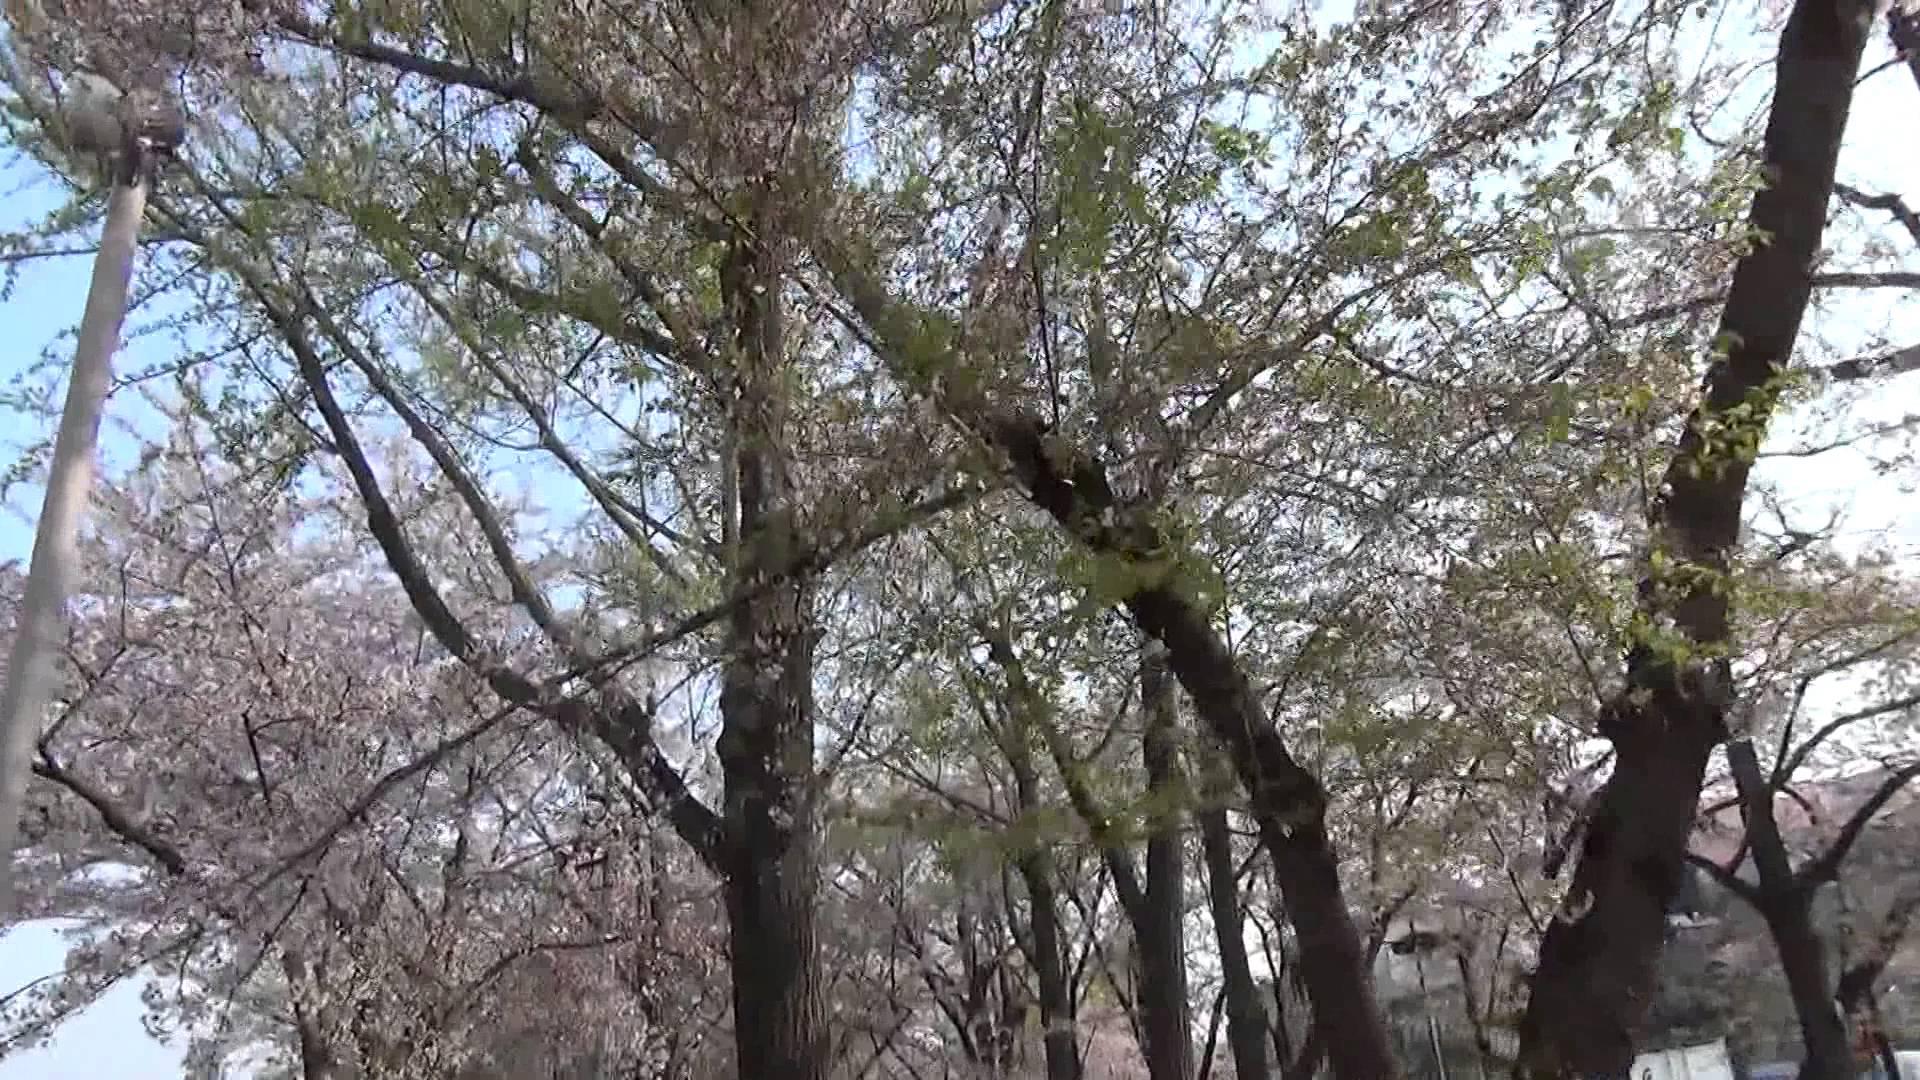 4月10日現在、烏丸七条 東本願寺前の桜並木は徐々に葉桜に変身中